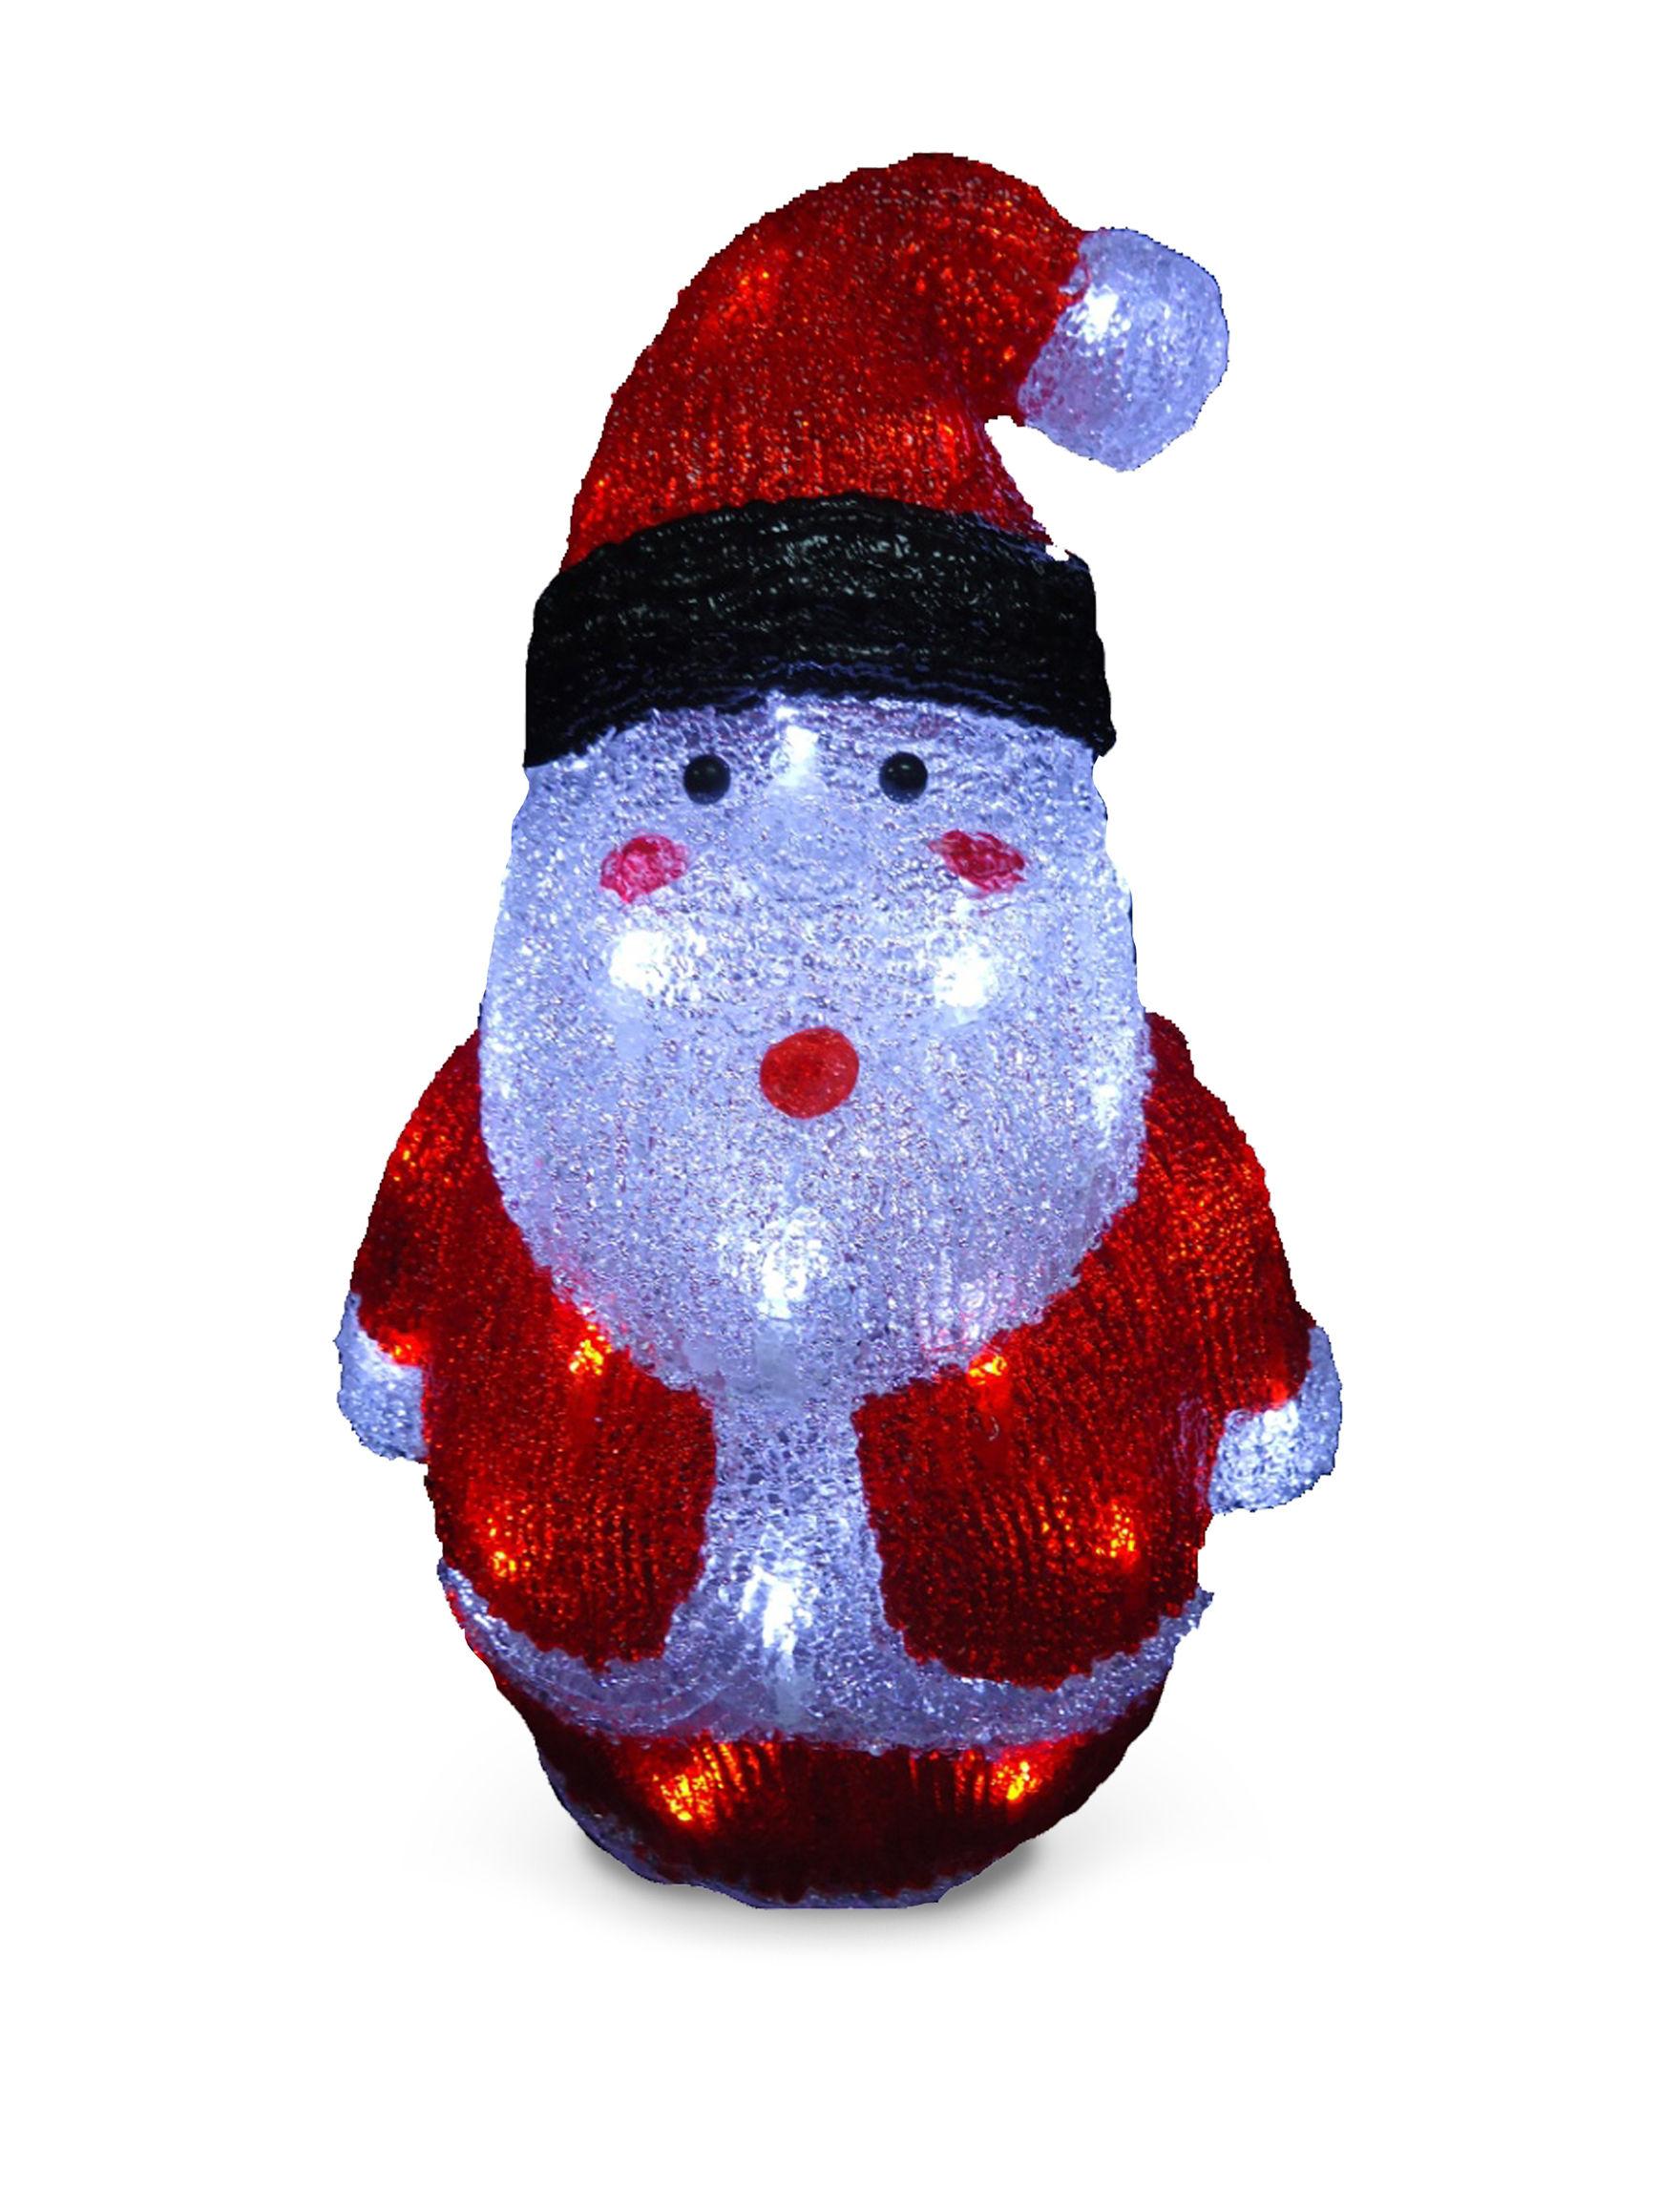 Outdoor Decor Company National Tree Company 16 Inch Santa Decoration With Led Lights